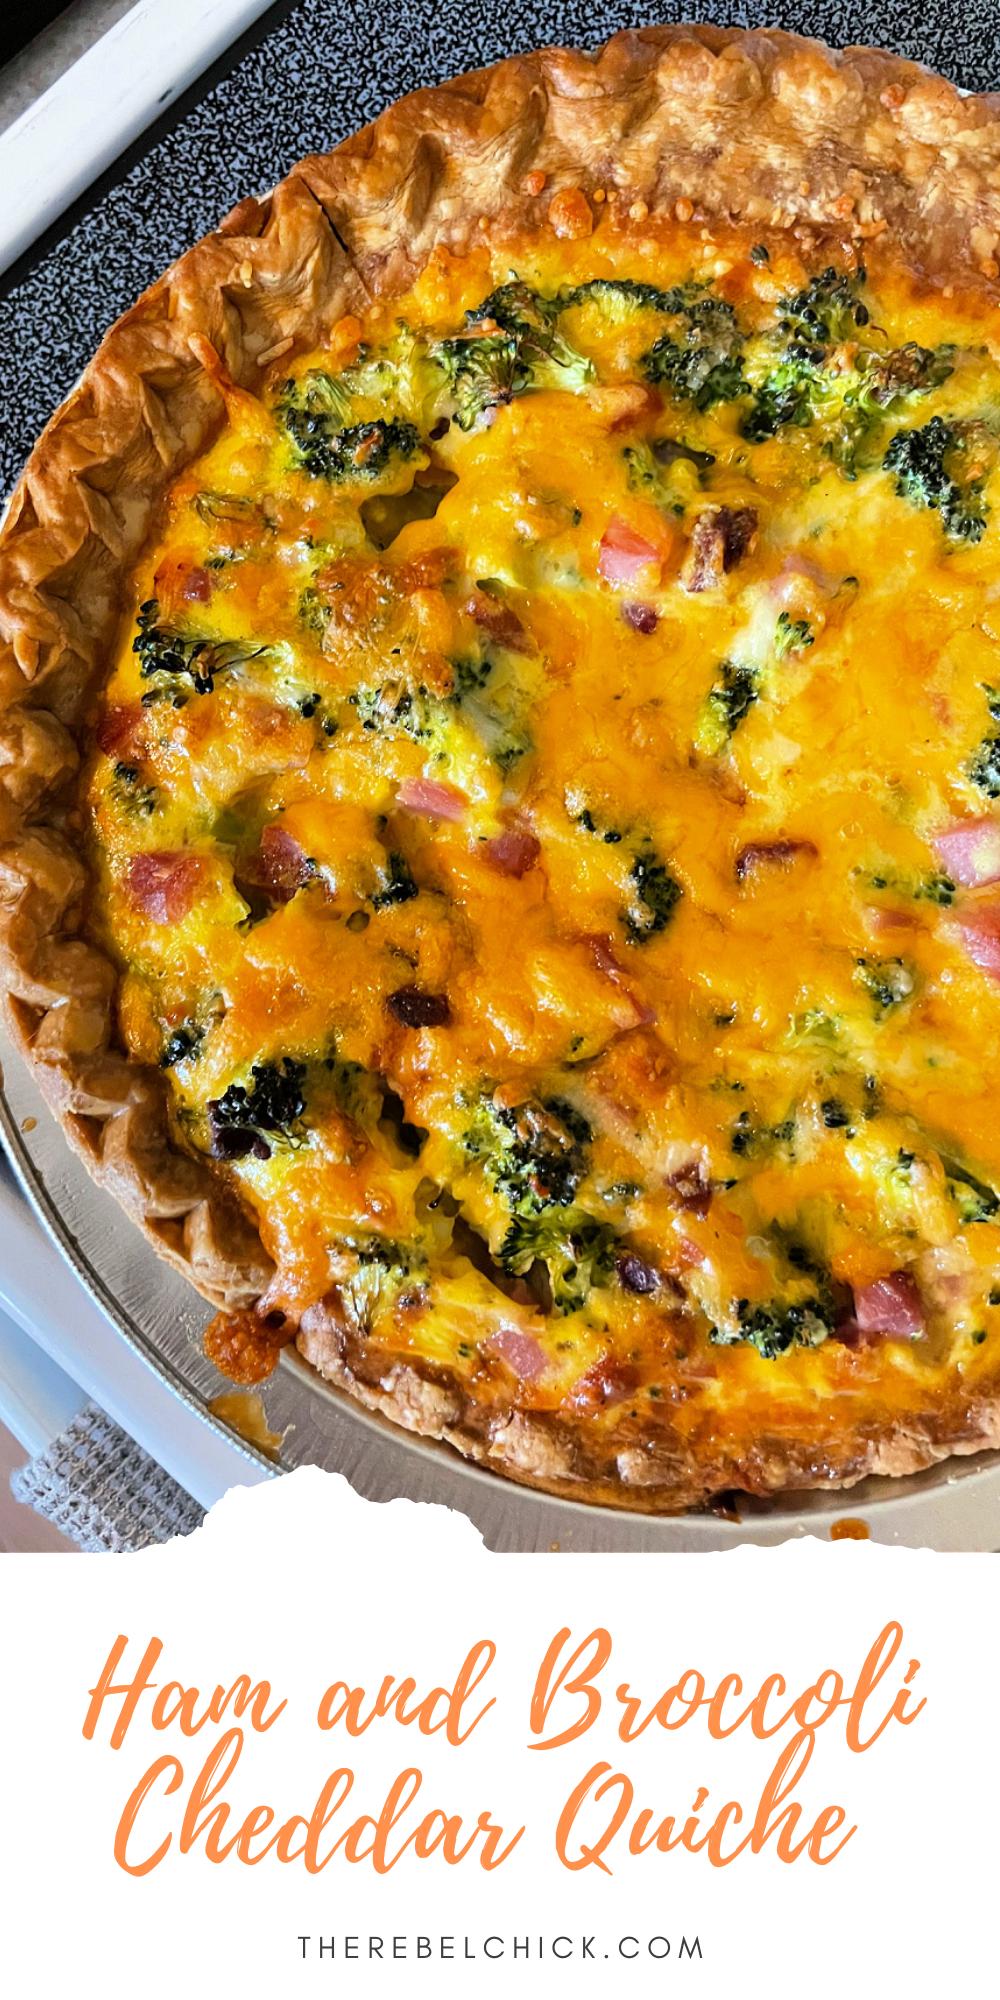 Ham and Broccoli Cheddar Quiche Recipe